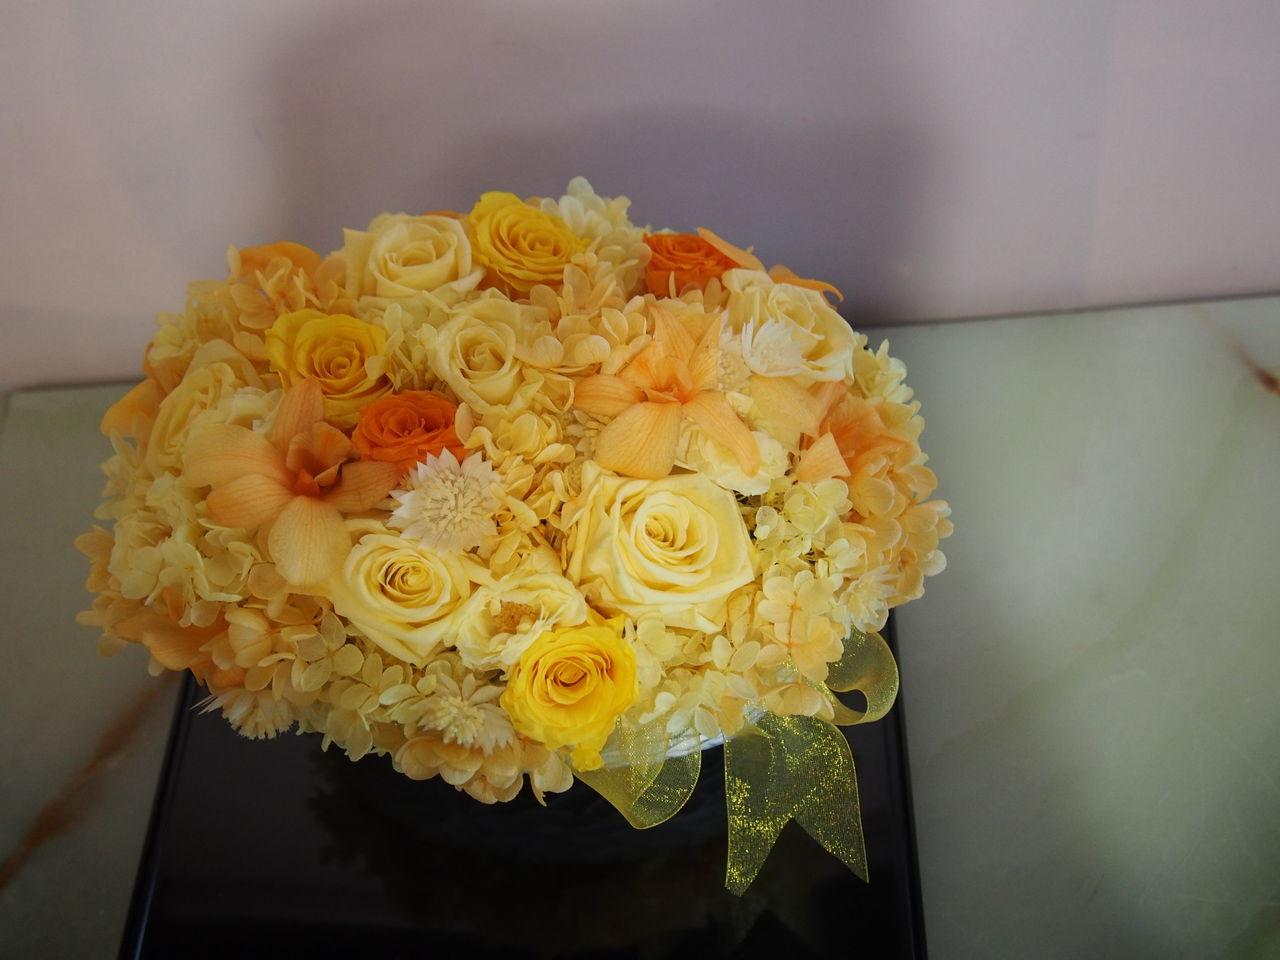 花ギフト|フラワーギフト|誕生日 花|カノシェ話題|スタンド花|ウエディングブーケ|花束|花屋|P9090988